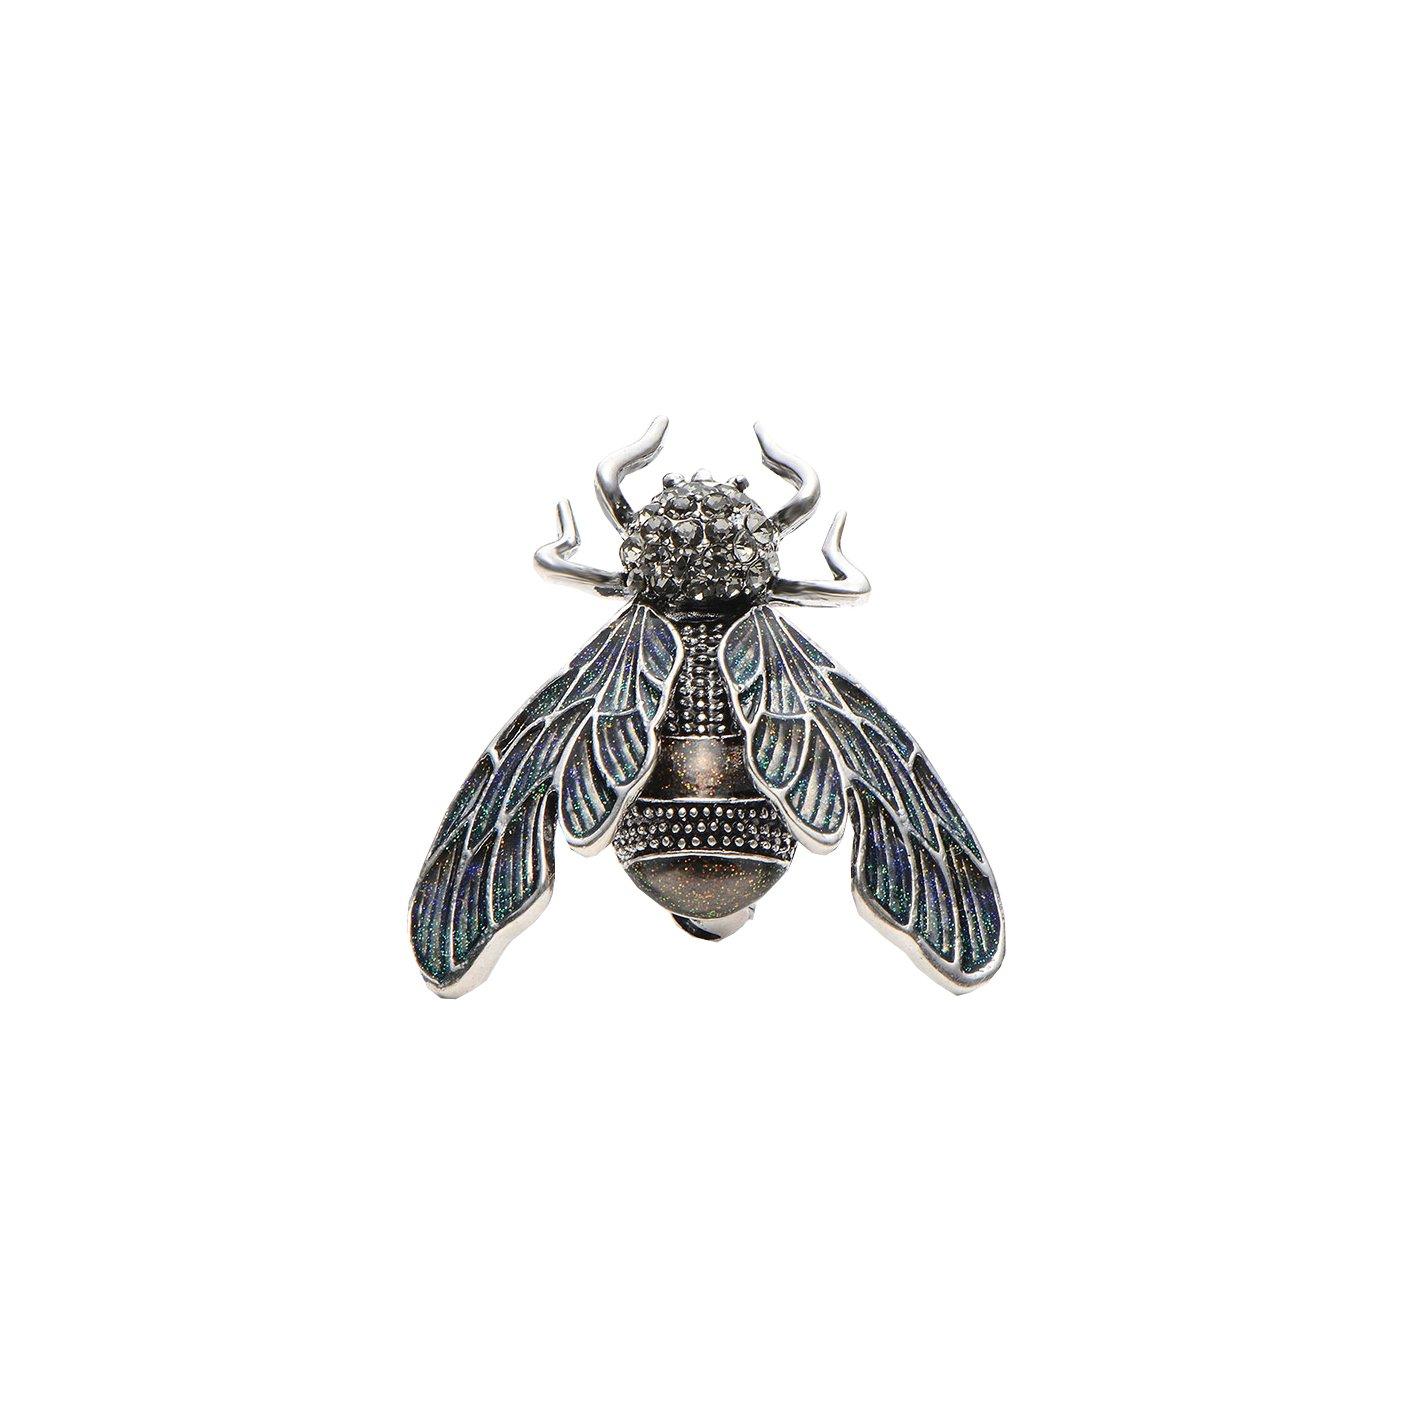 Rhinestone Alloy Silver Cicada Brooches For Women And Men Crystal Enamel Brooch